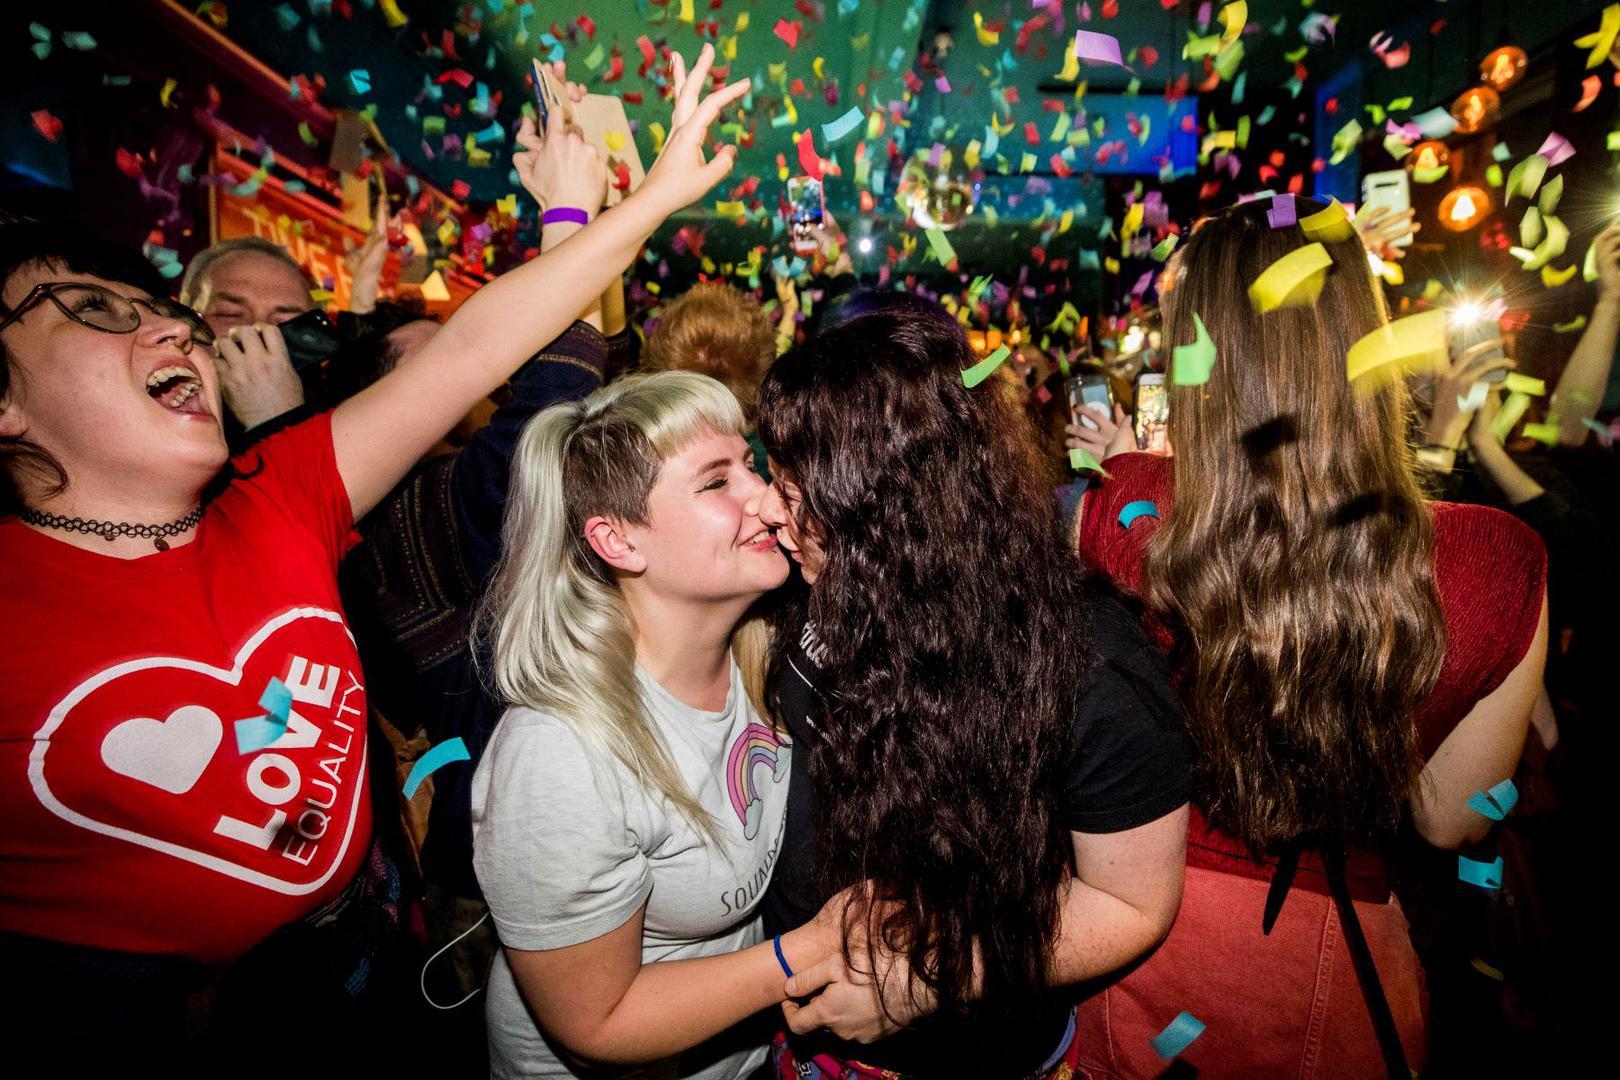 Irlanda del Norte: Nueva ley permite que las uniones civiles homosexuales se conviertan en matrimonios